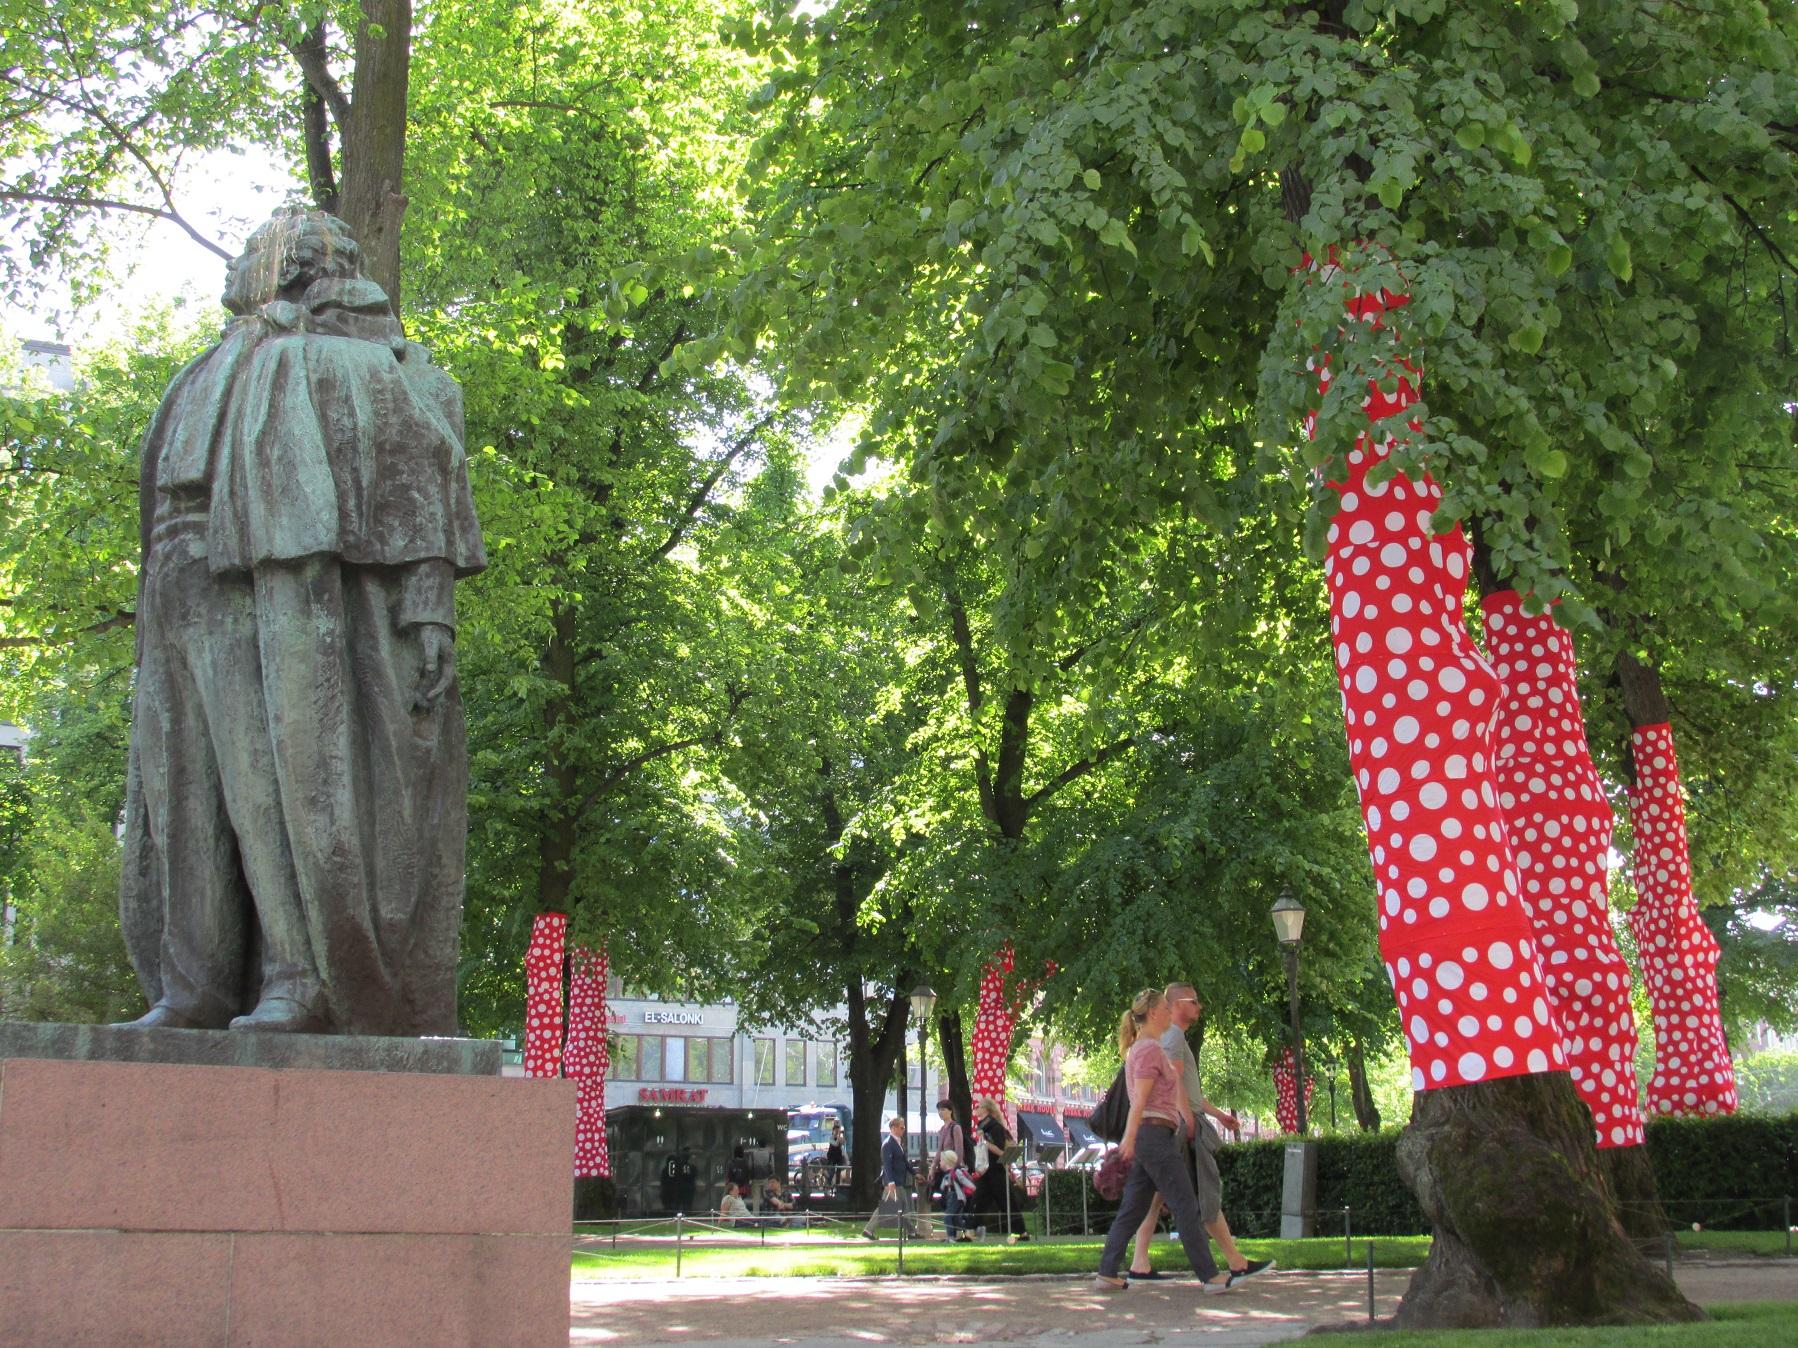 Nimi: Patsaiden puistossa 1 kk, Kuvaaja: Tarja Kaltiomaa